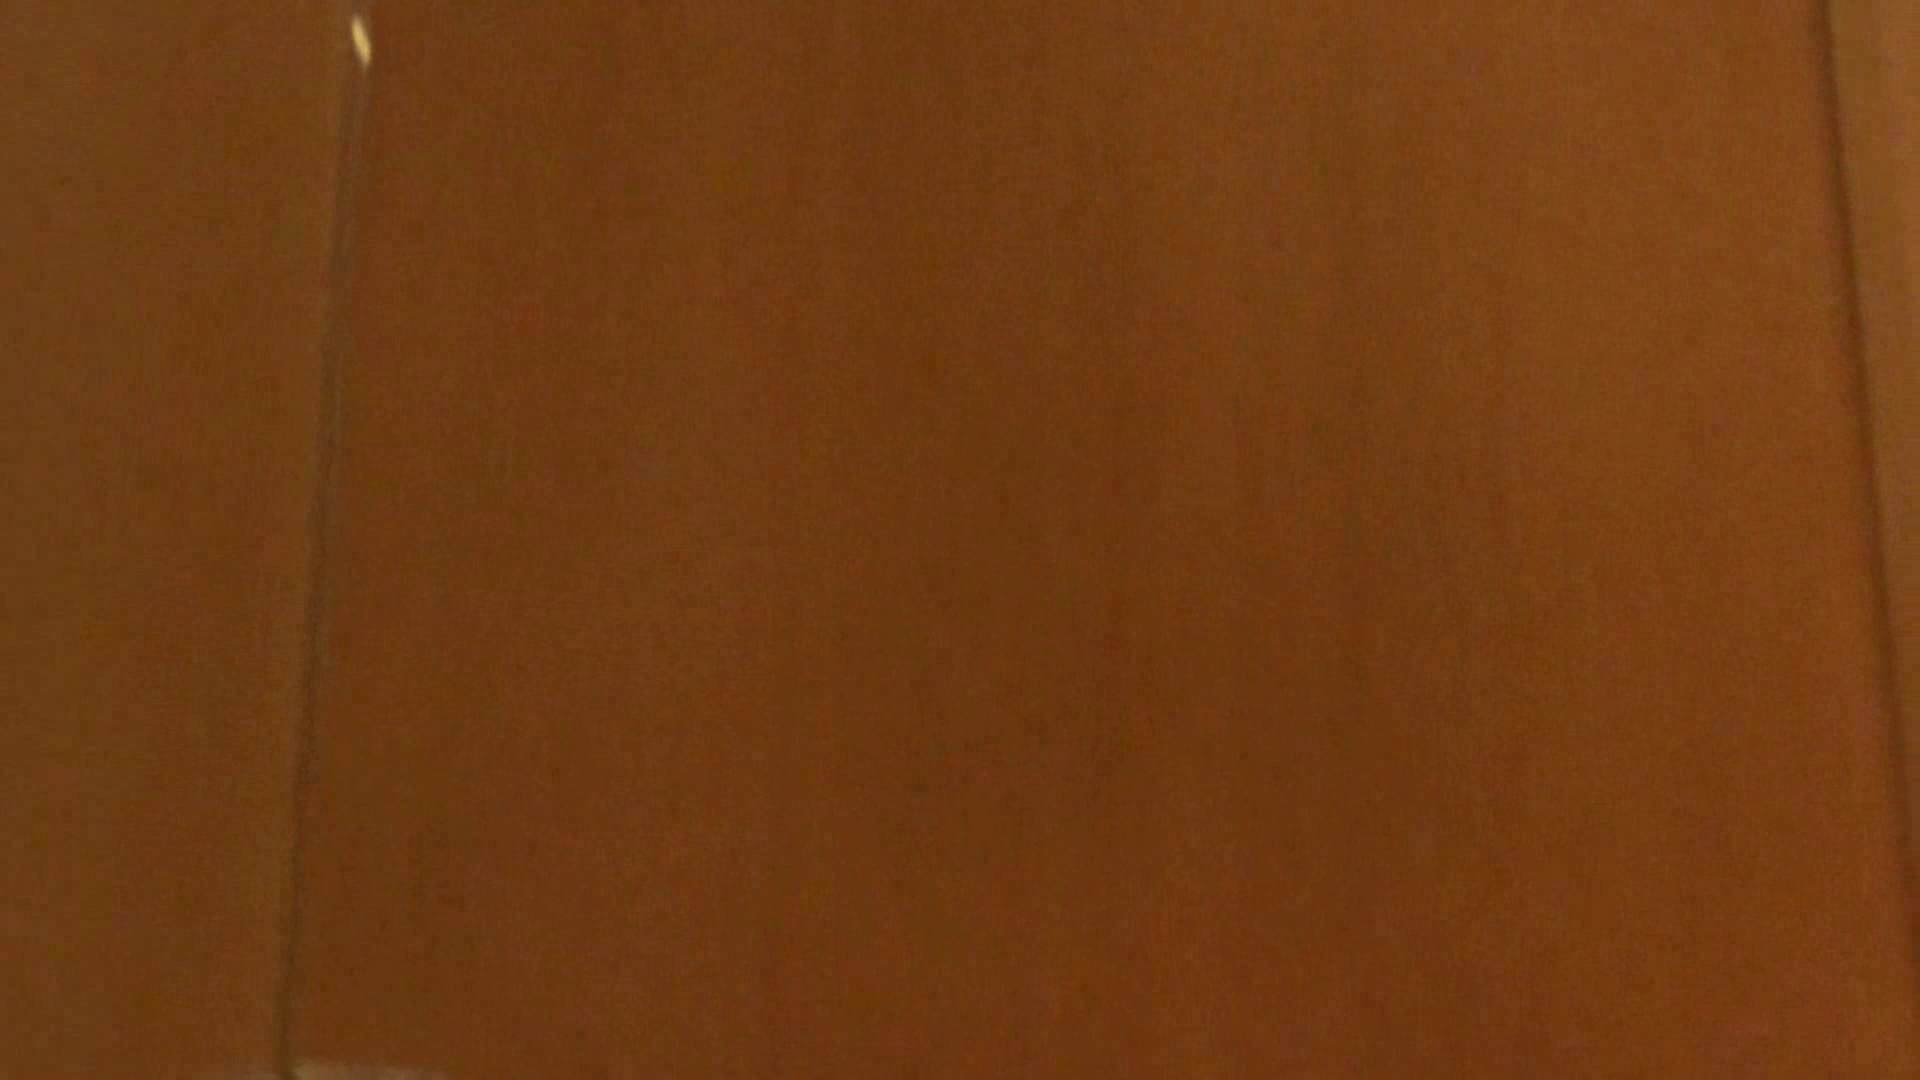 「噂」の国の厠観察日記2 Vol.08 人気シリーズ オマンコ無修正動画無料 98枚